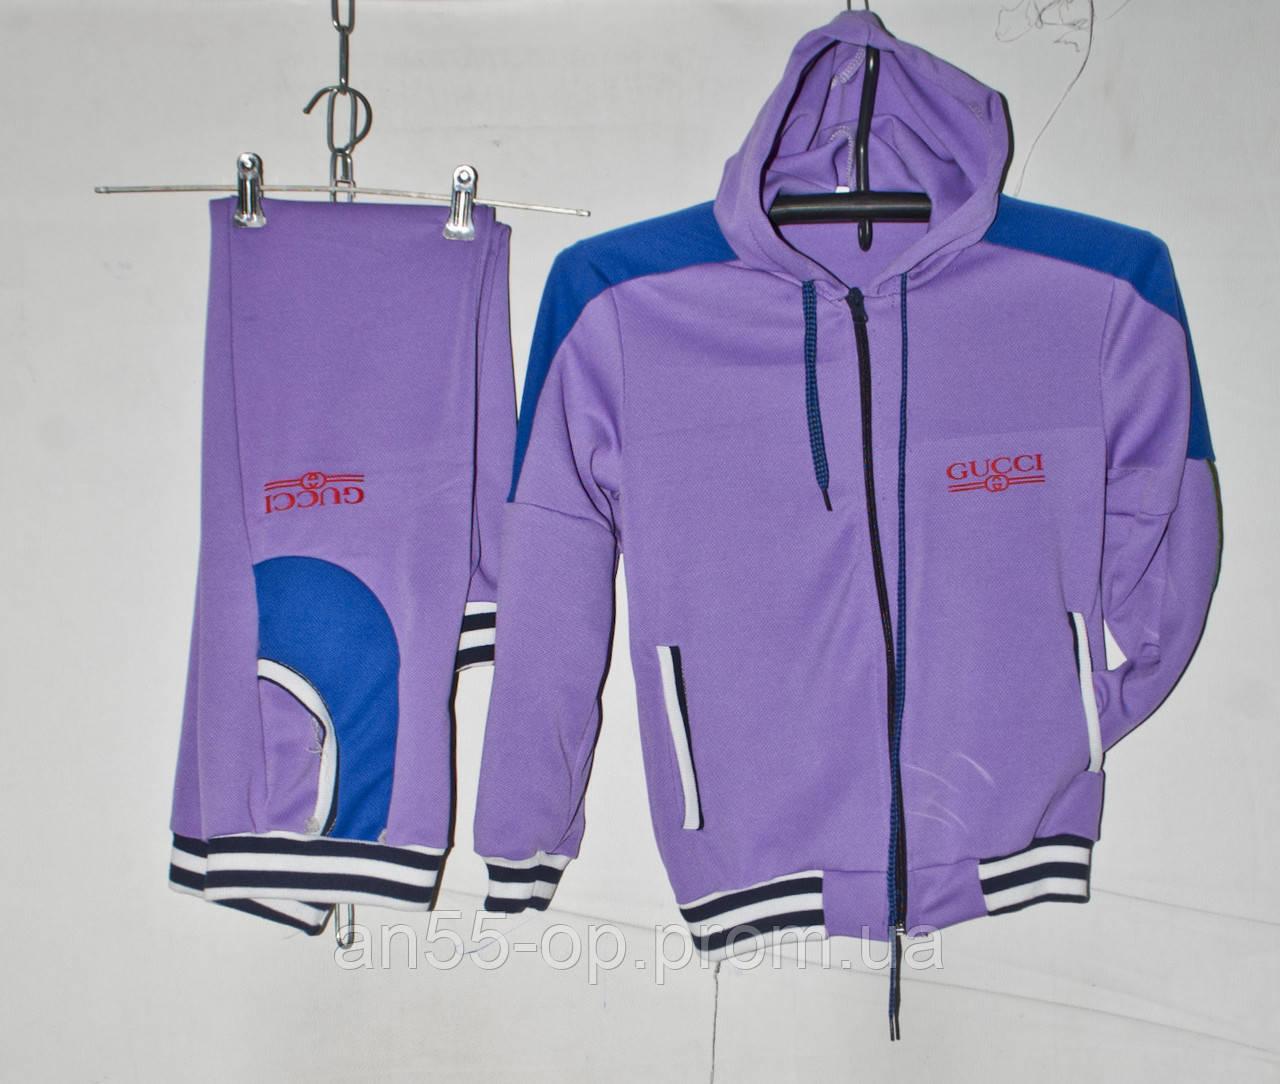 49ce983b86ee2 Спортивный костюм для девочек трикотаж GUCCI (Р. 36-44).Оптовая продажа